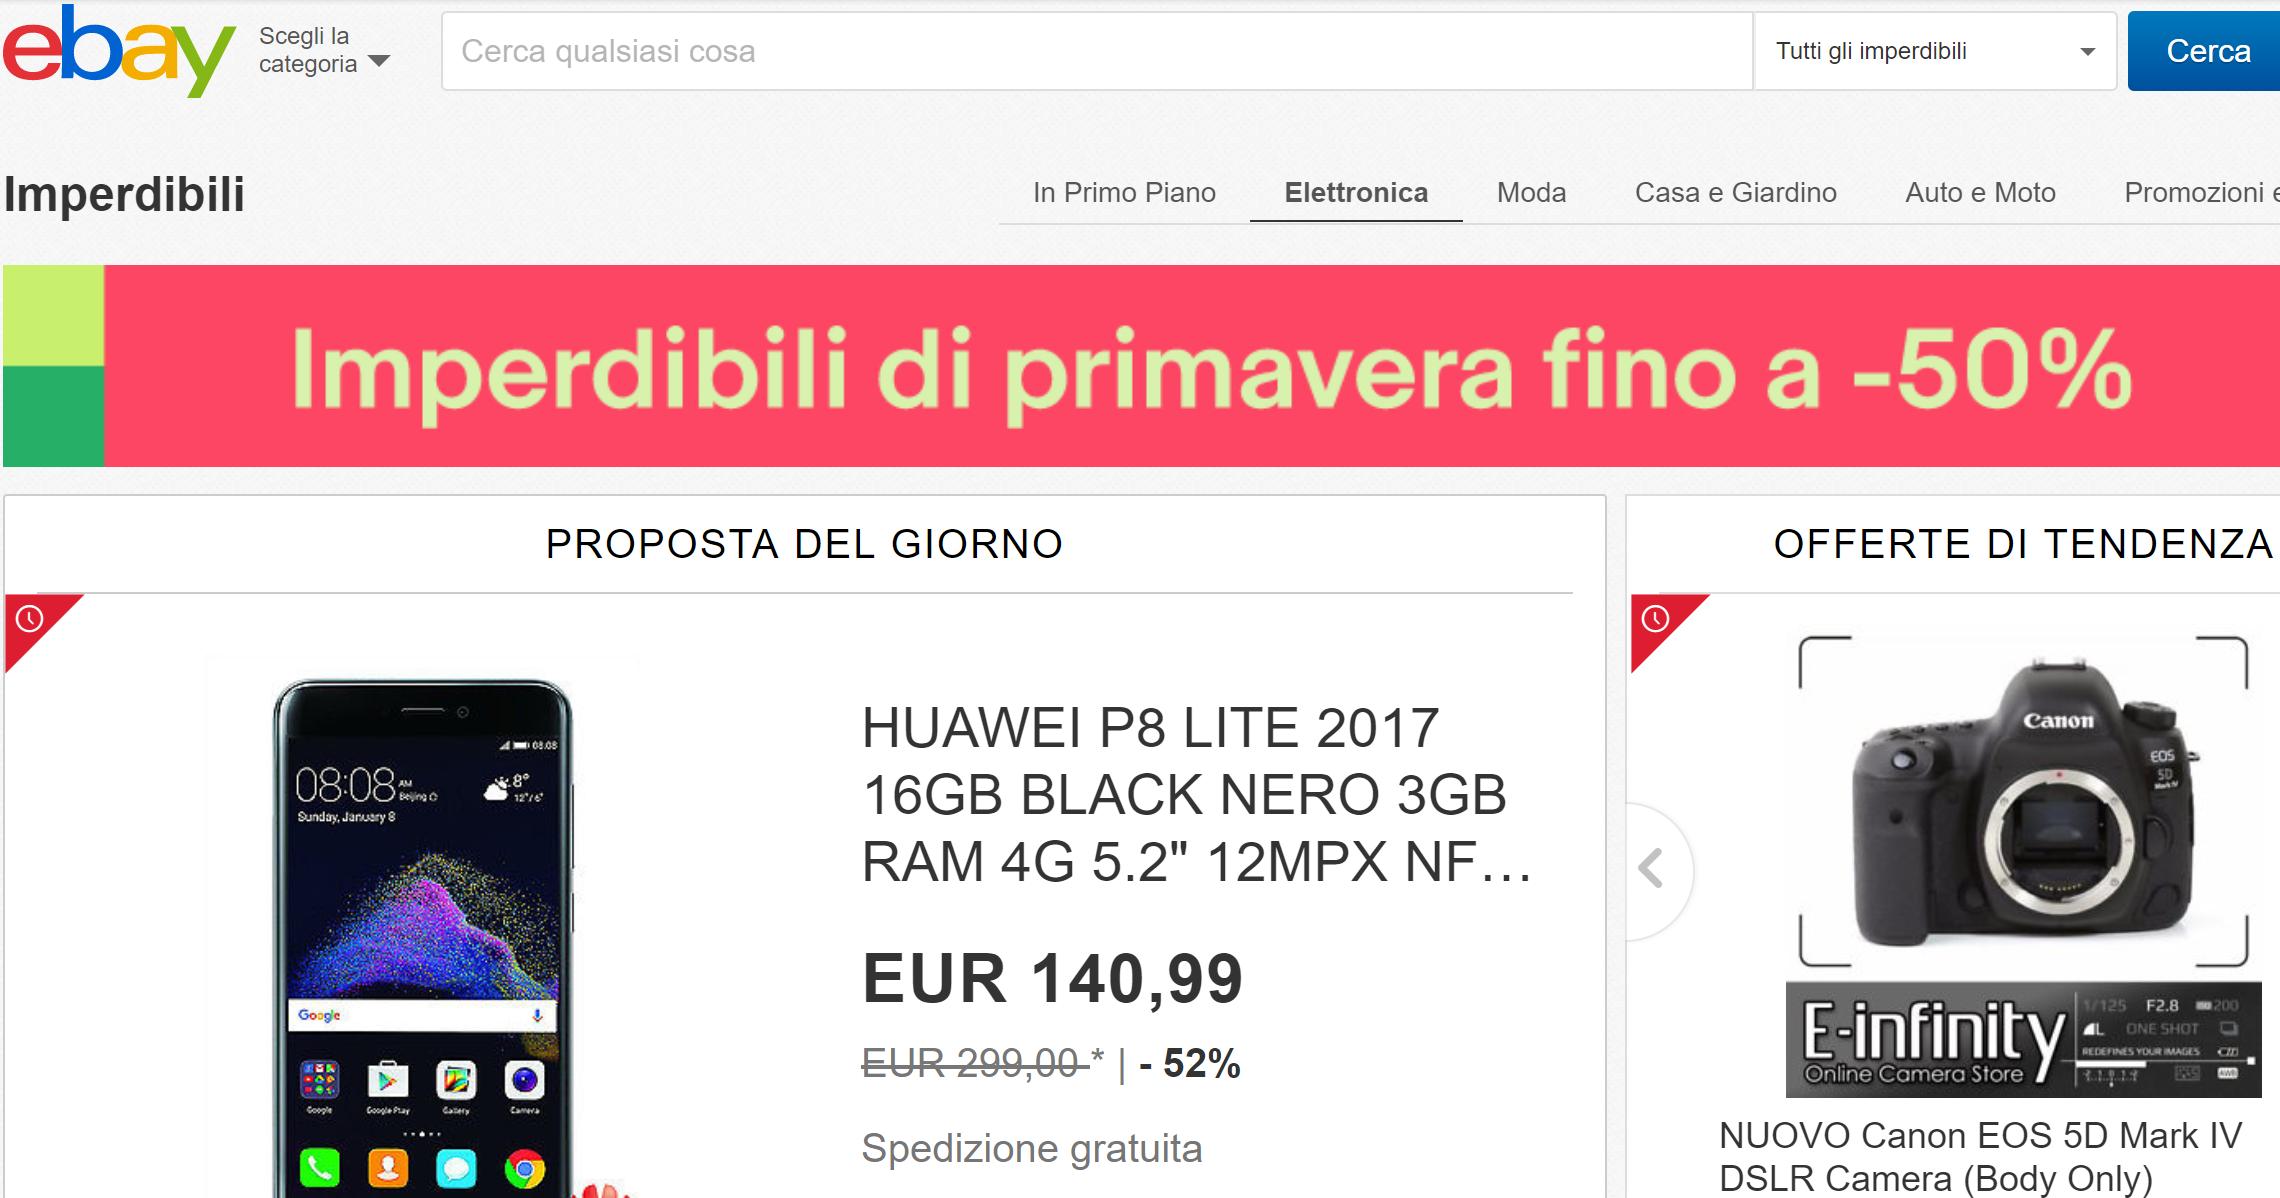 Ecco gli imperdibili di primavera di ebay sconti fino al 50 for Sconti coupon amazon